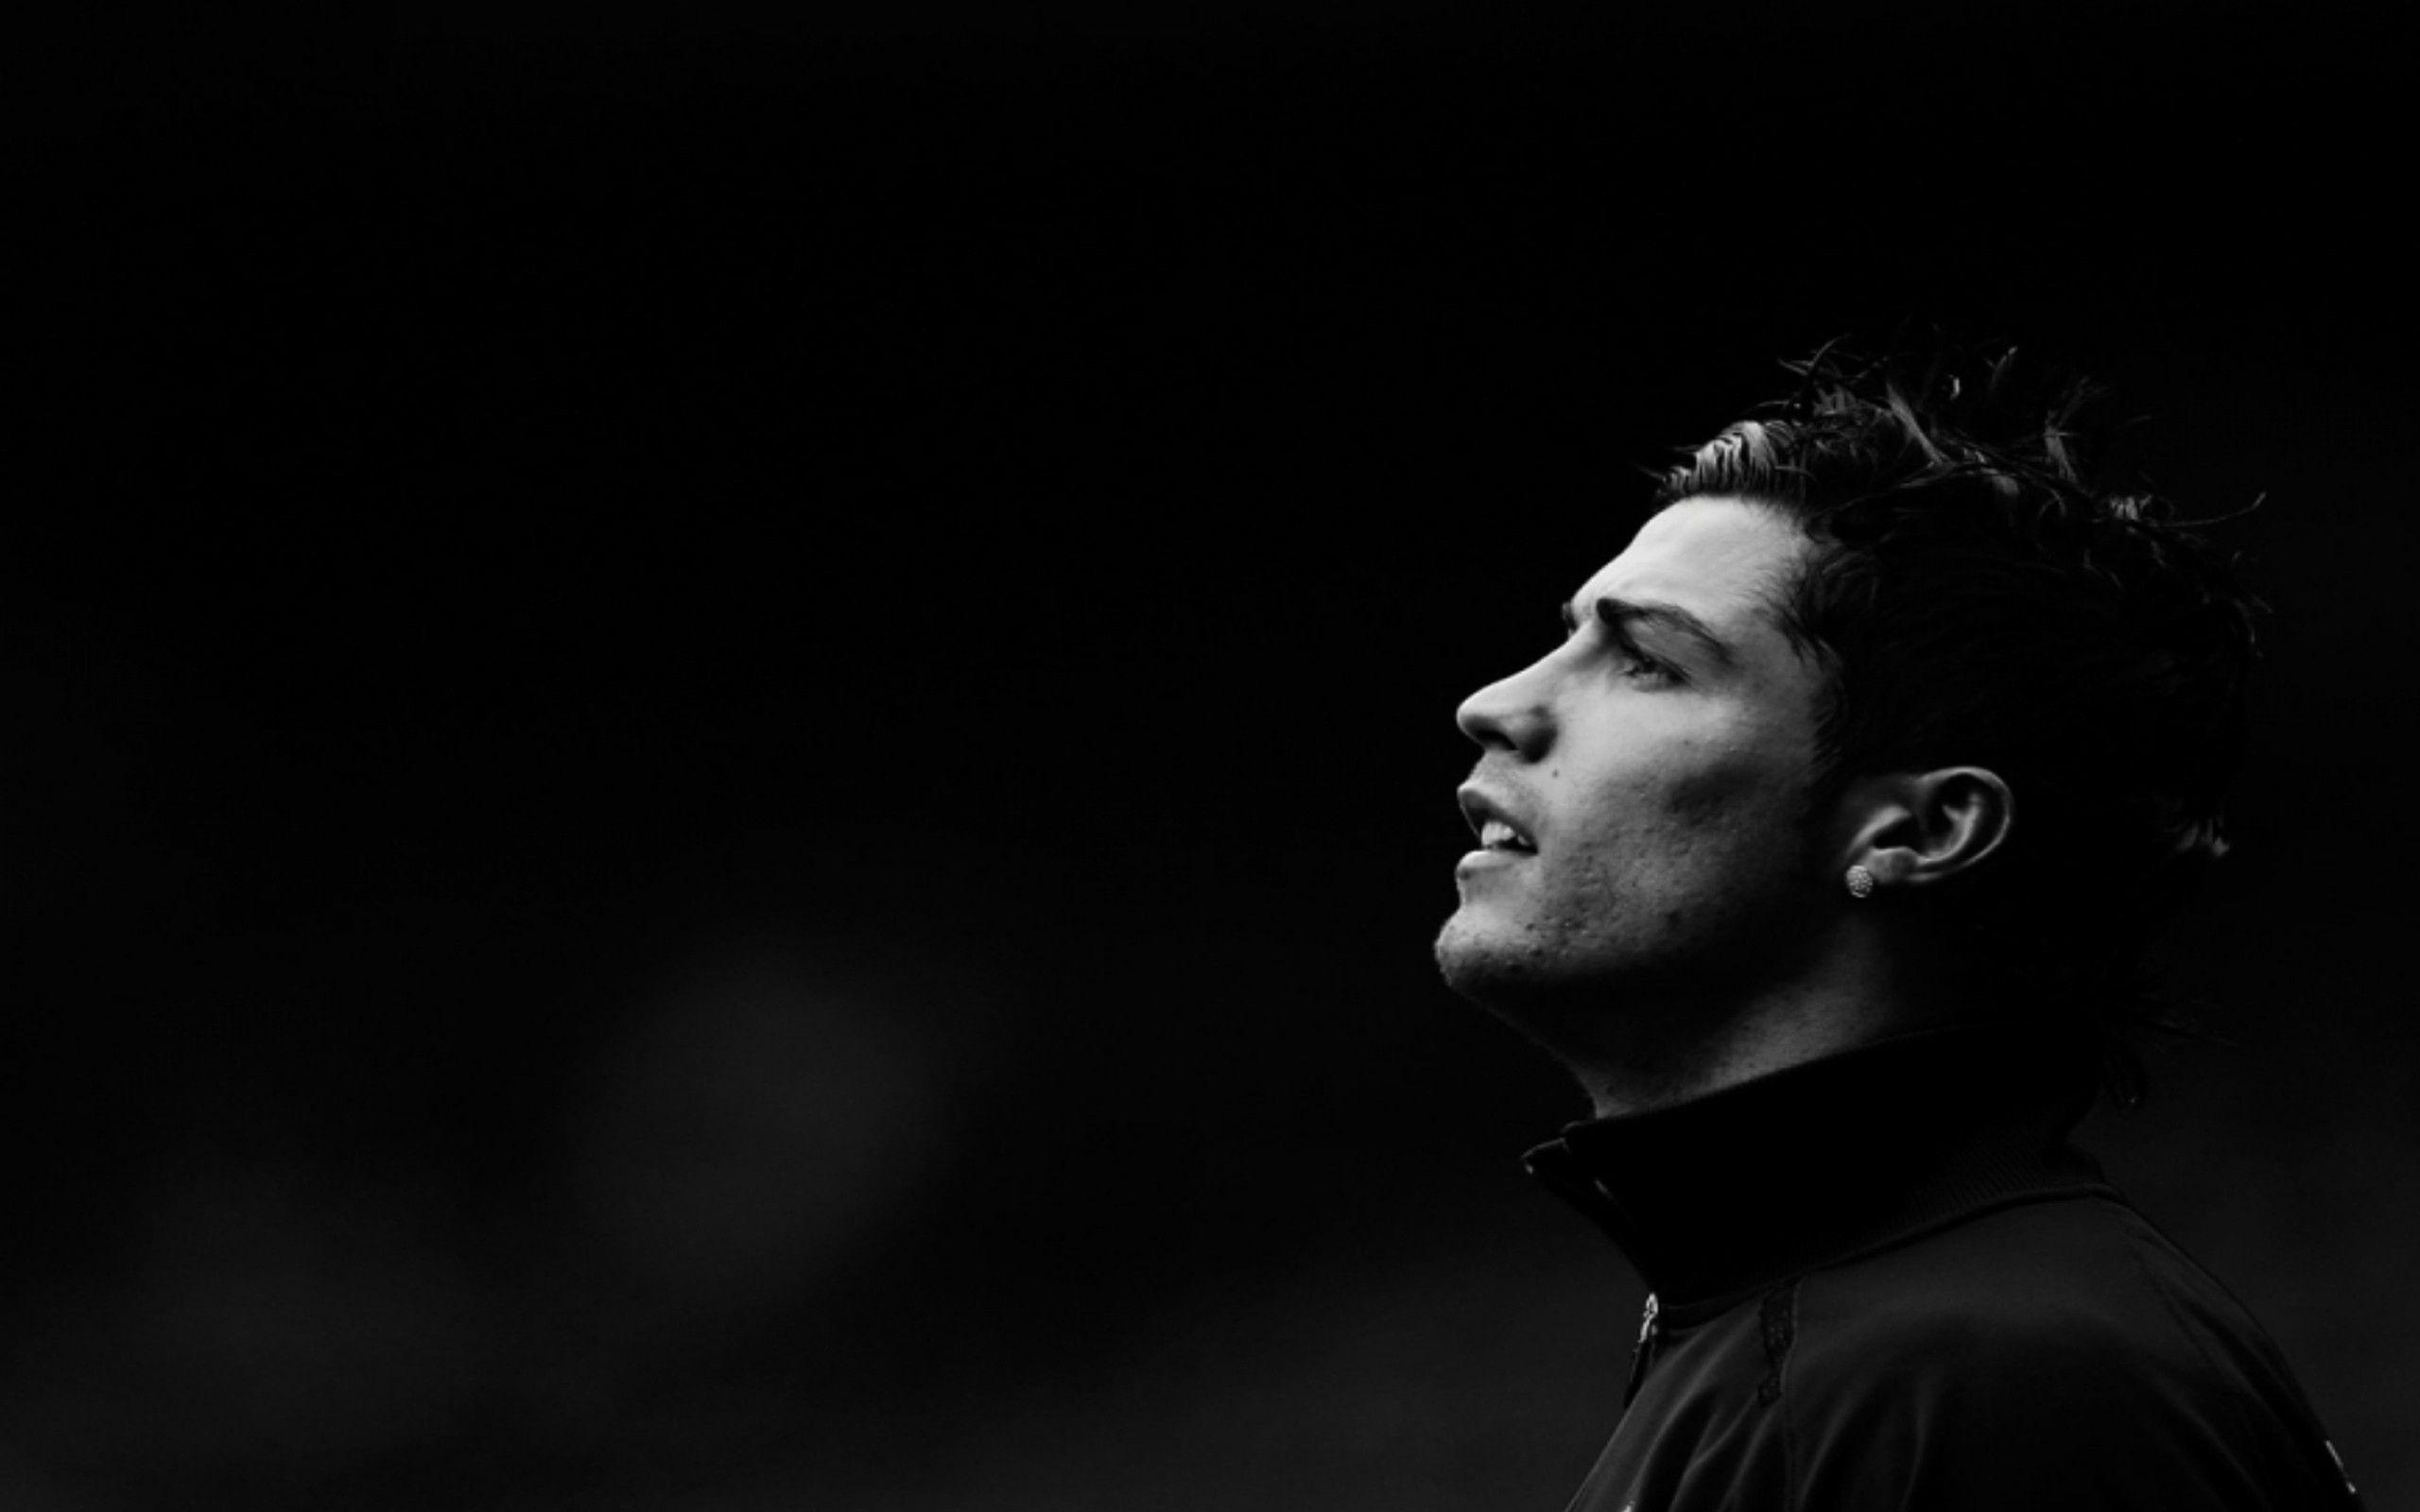 Cristiano Ronaldo Wallpaper Hd Download #764 Wallpaper ...